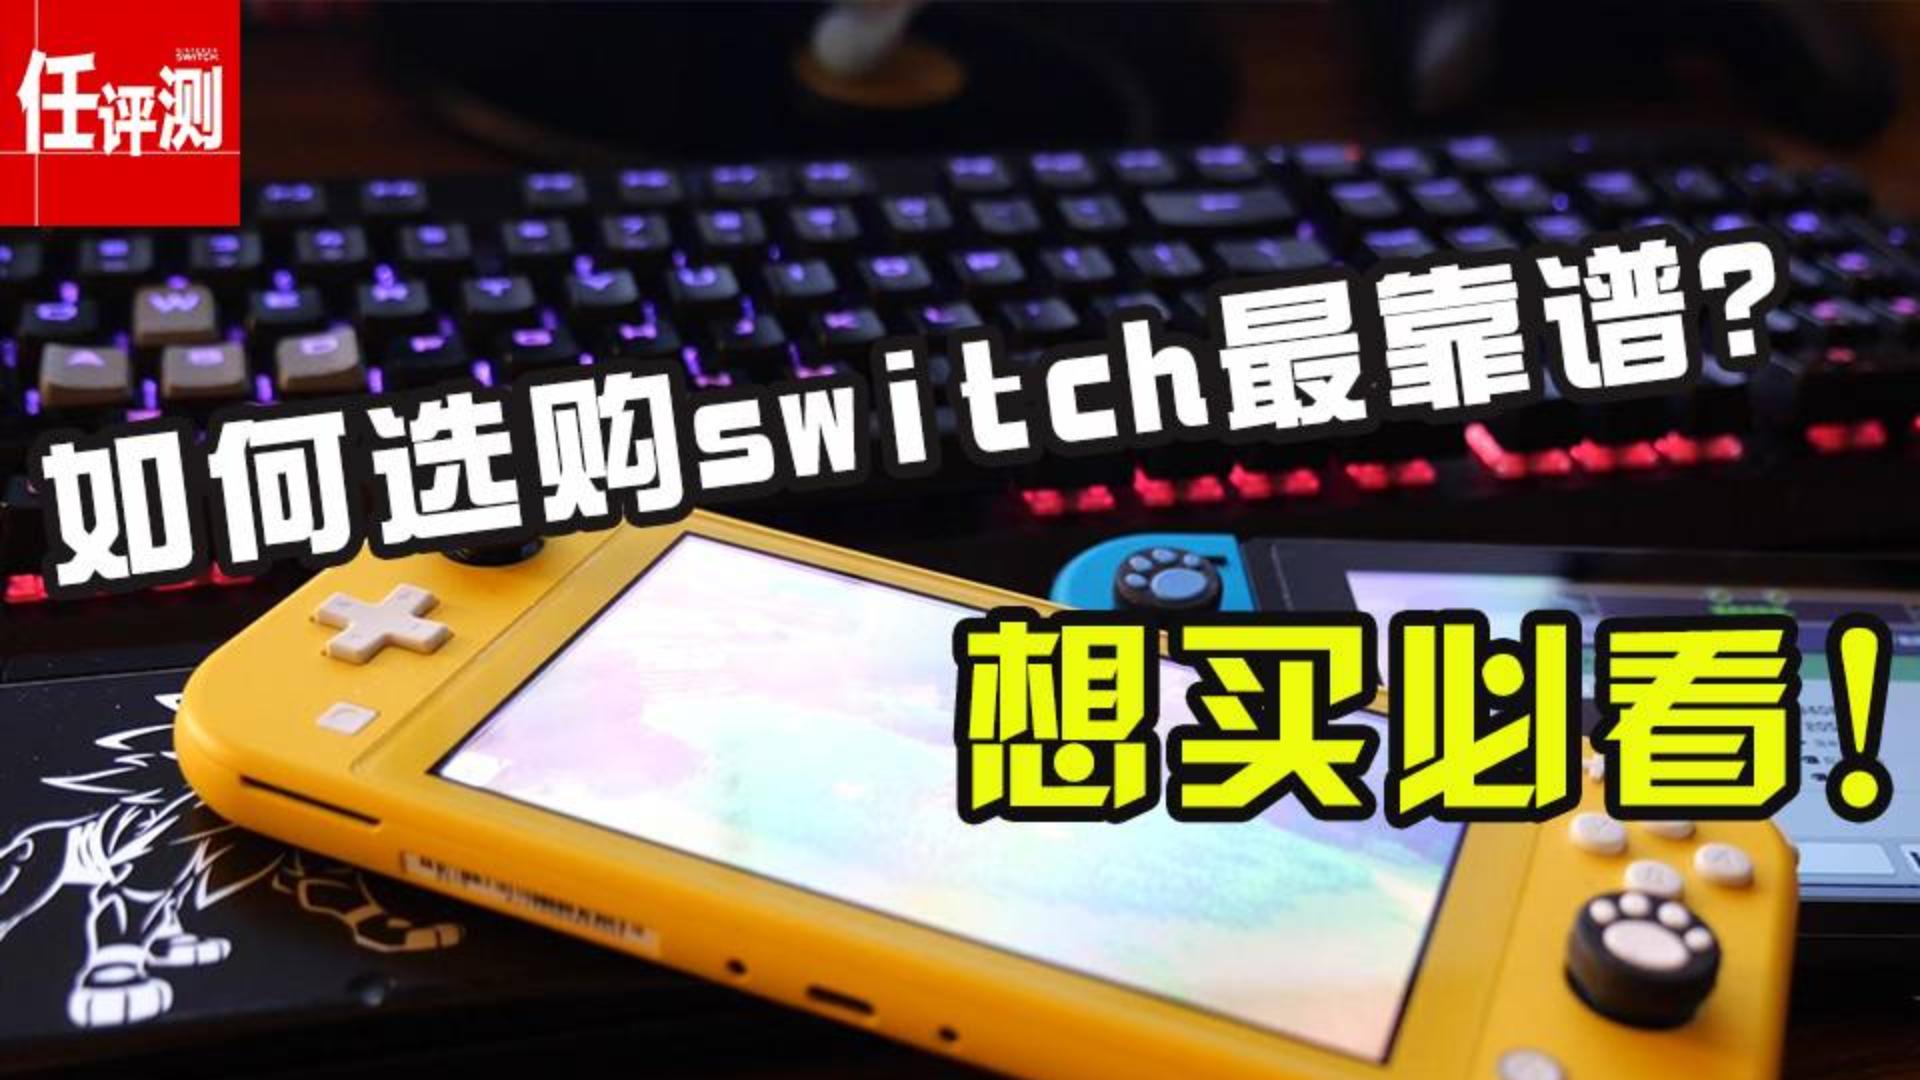 作为一名普通玩家,如何在选购switch机器最靠谱?新手必看!